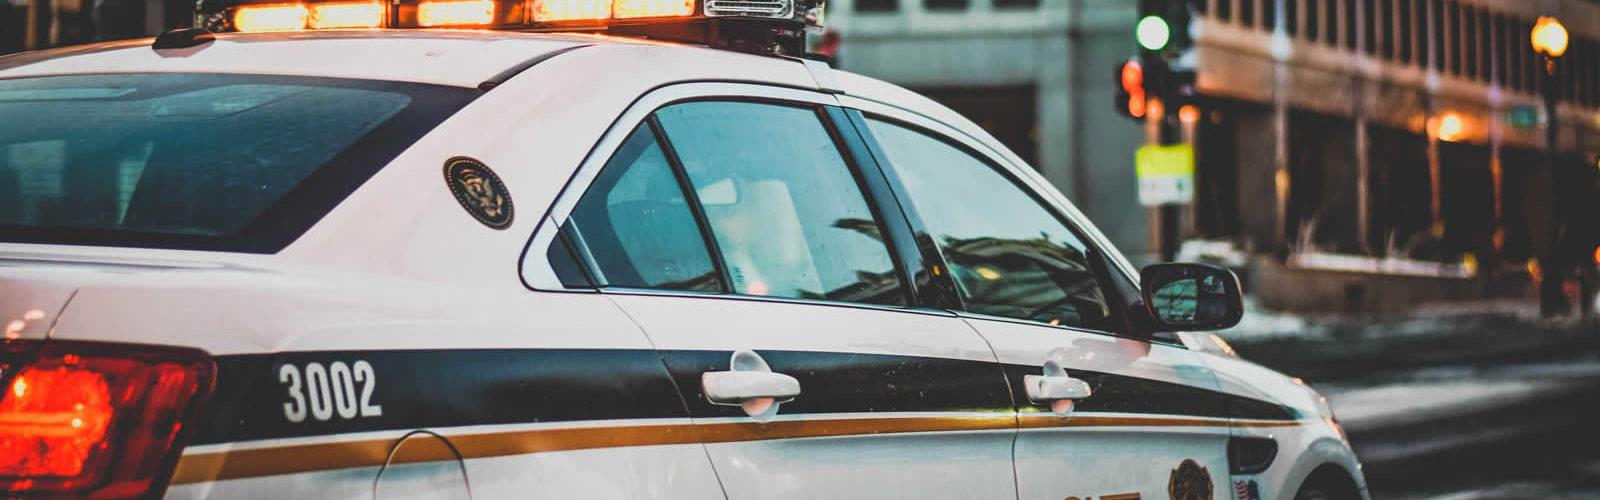 police-systeme-policier-etats-unis-fbi-dea-nypd-swat-une